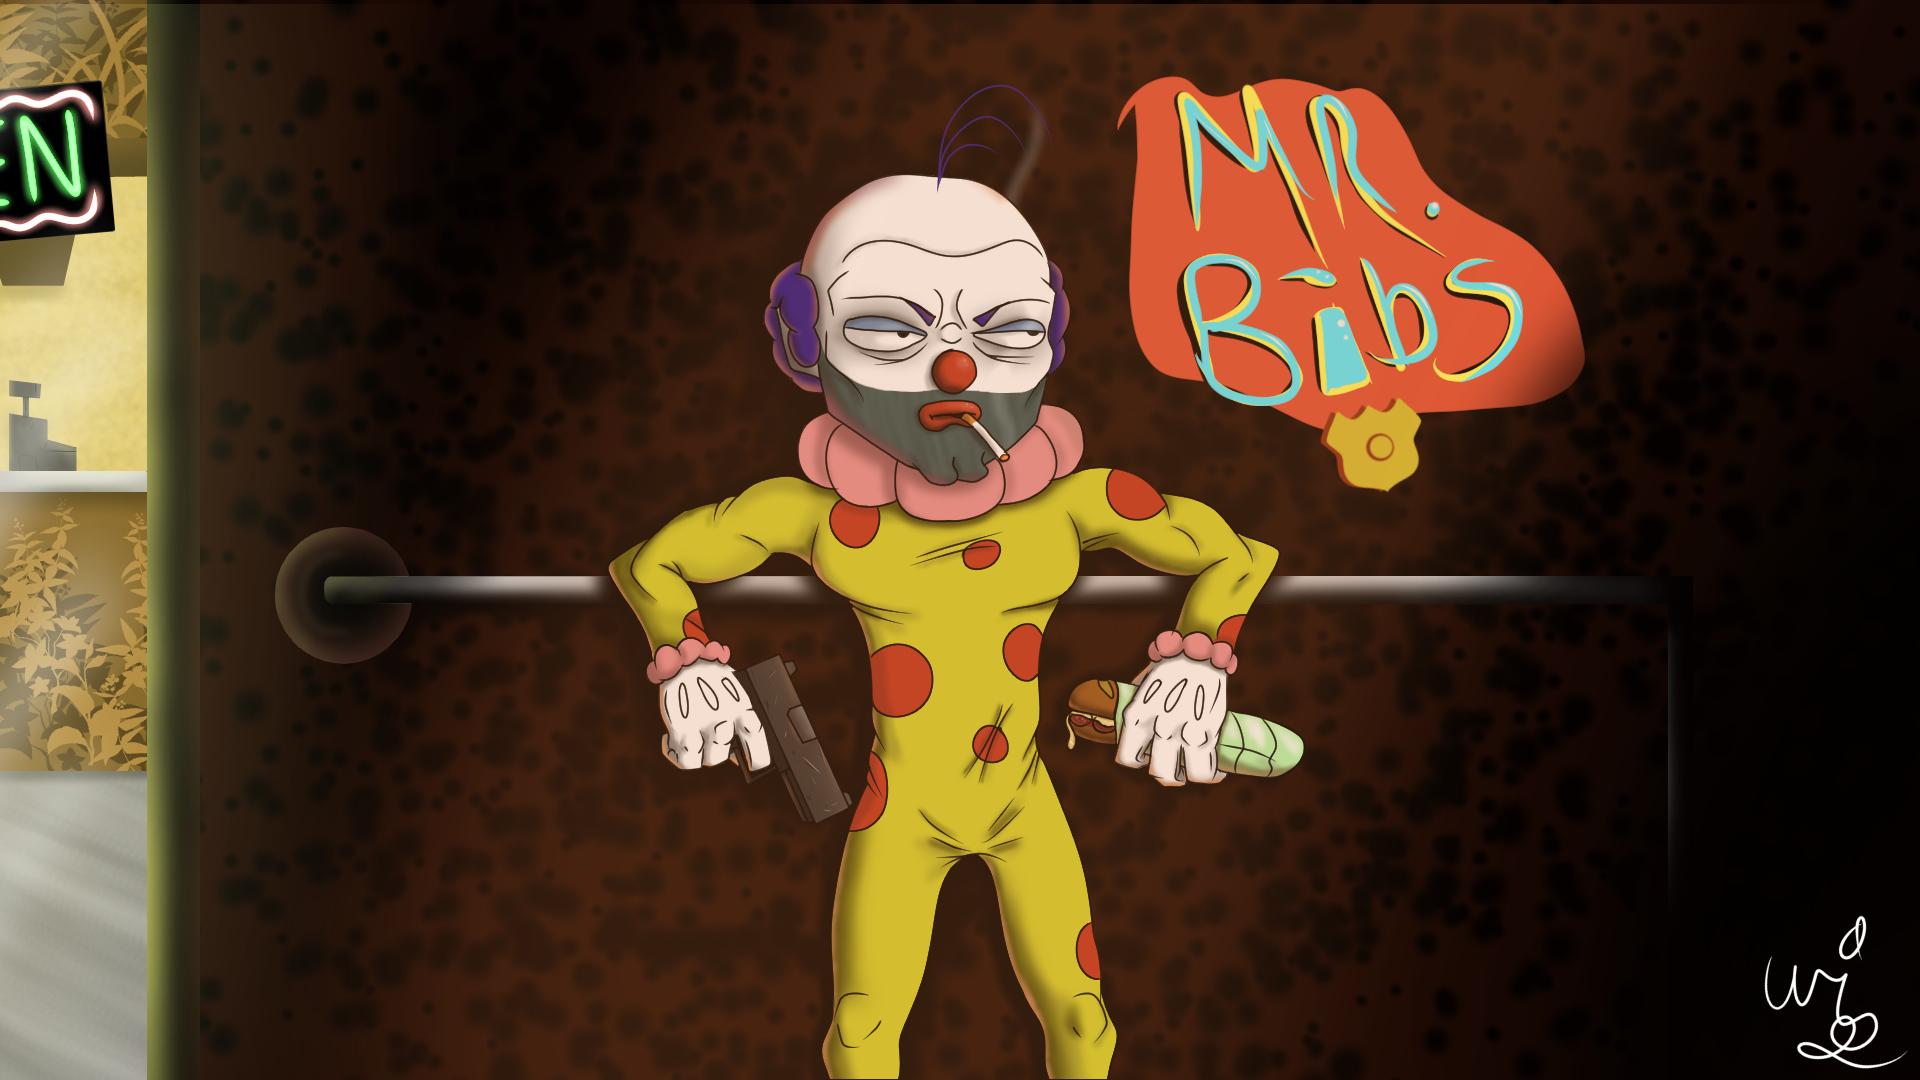 Mr. Bibs